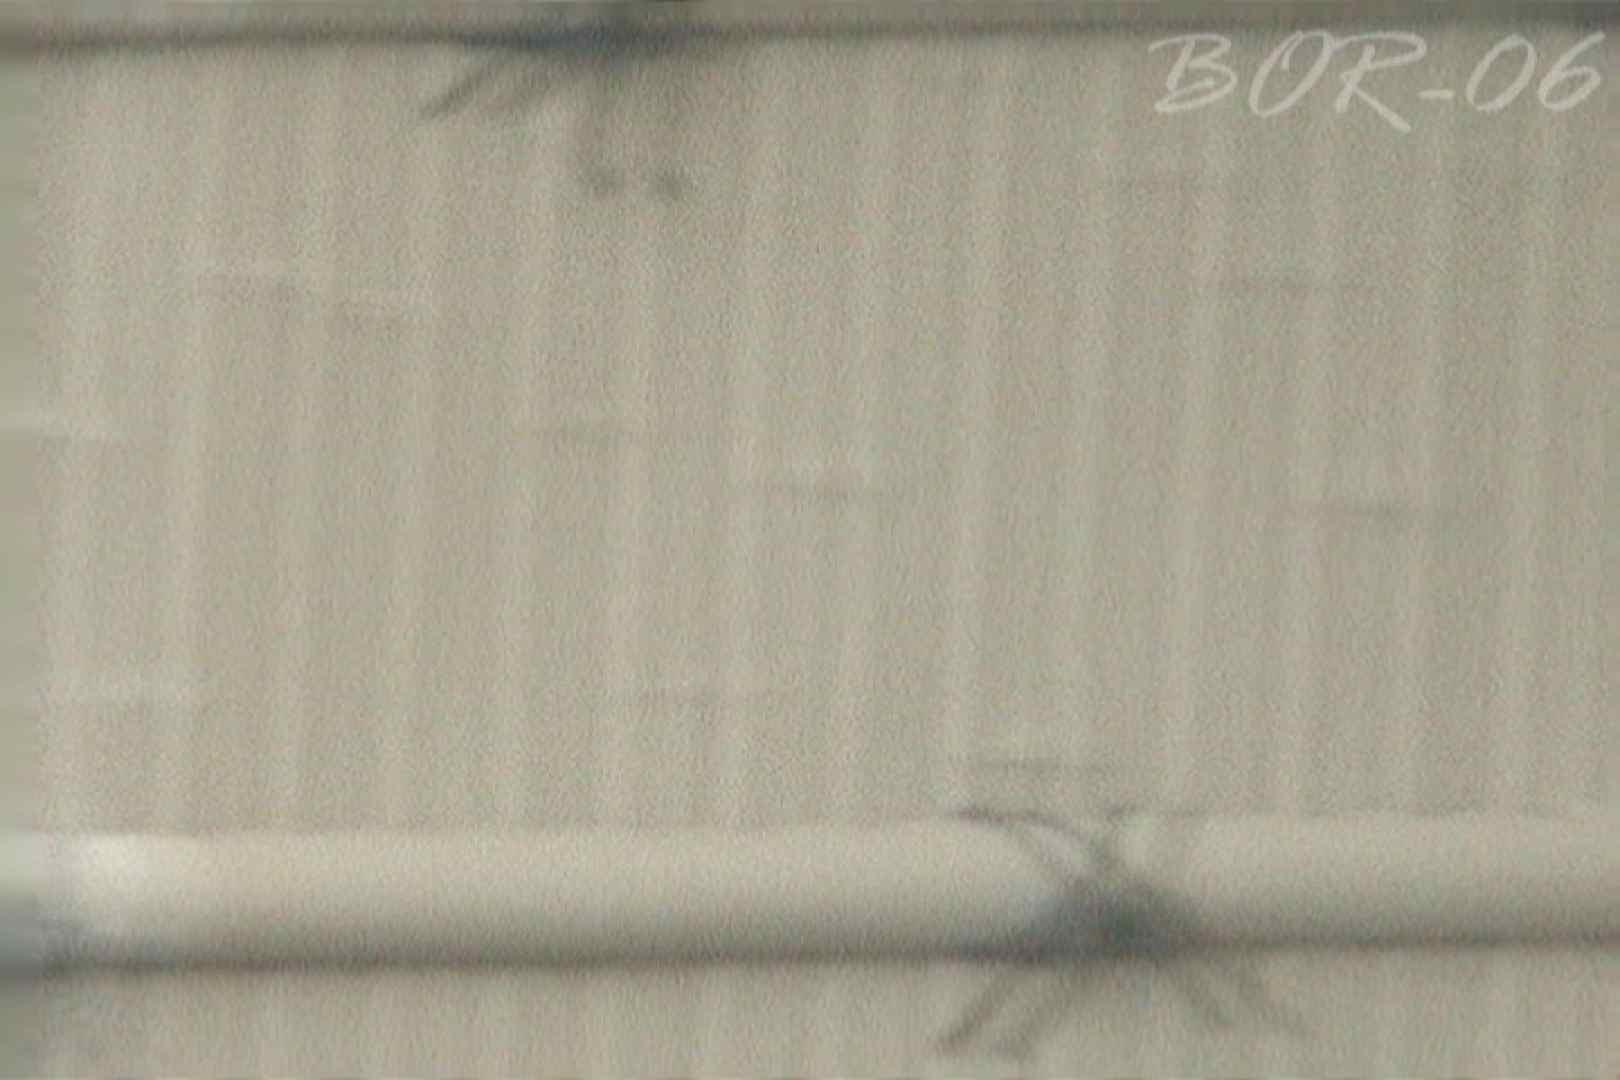 女露天風呂劇場 Vol.16 OLの実態   潜伏露天風呂  35pic 33